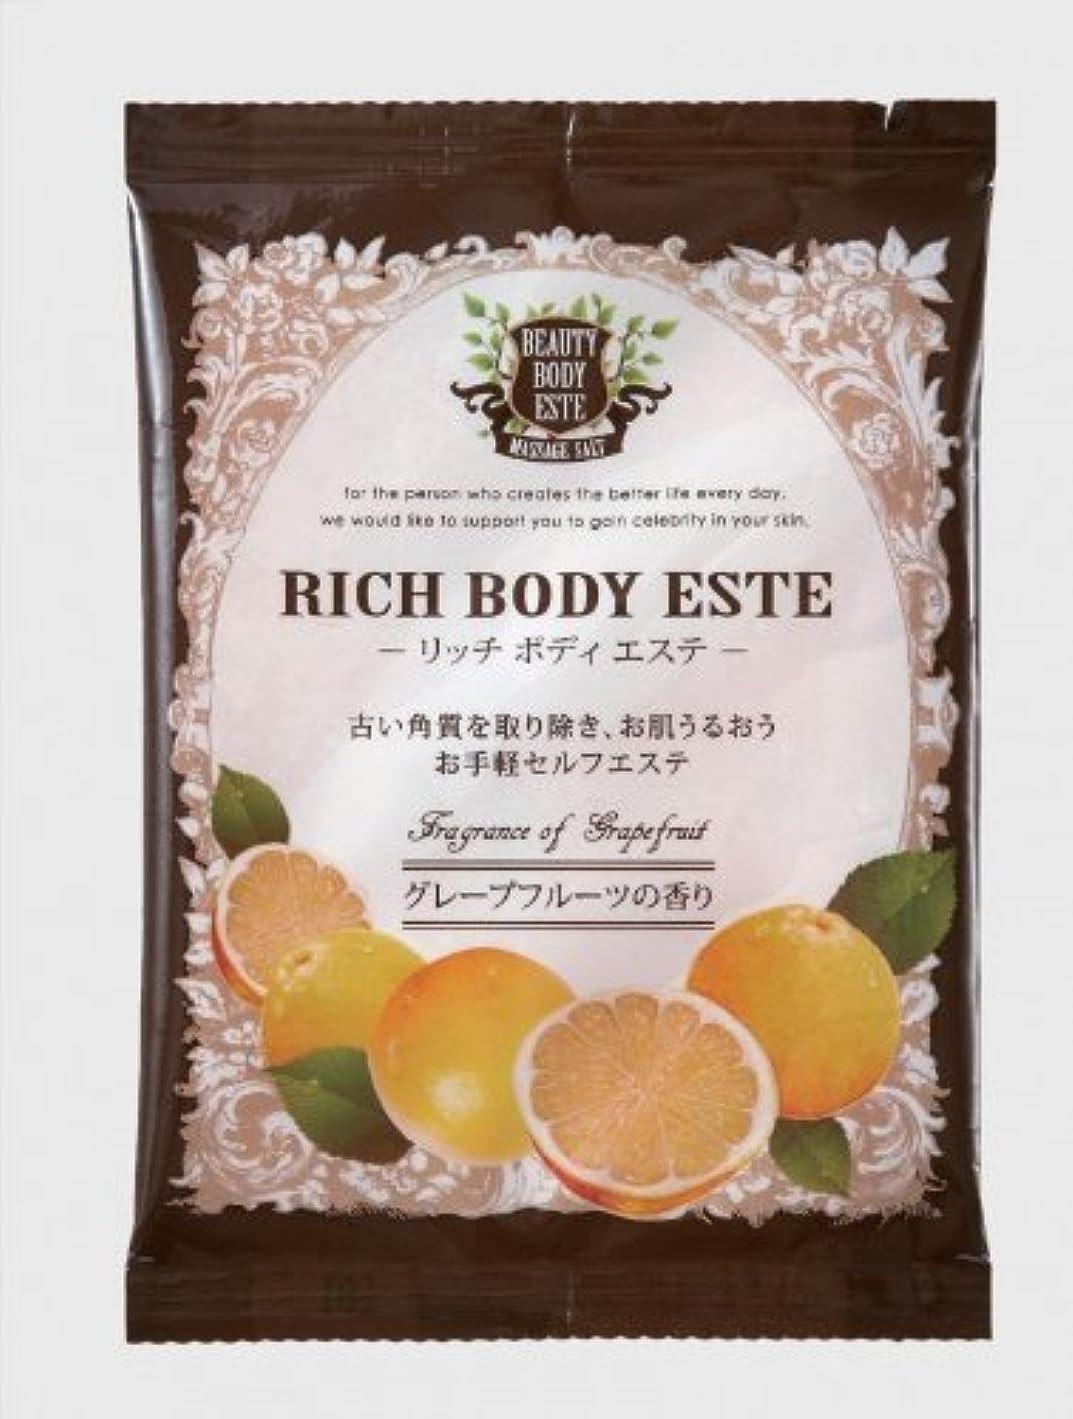 木自分慣習リッチボディエステ マッサージソルト(グレープフルーツの香り)50g (フラワー系)